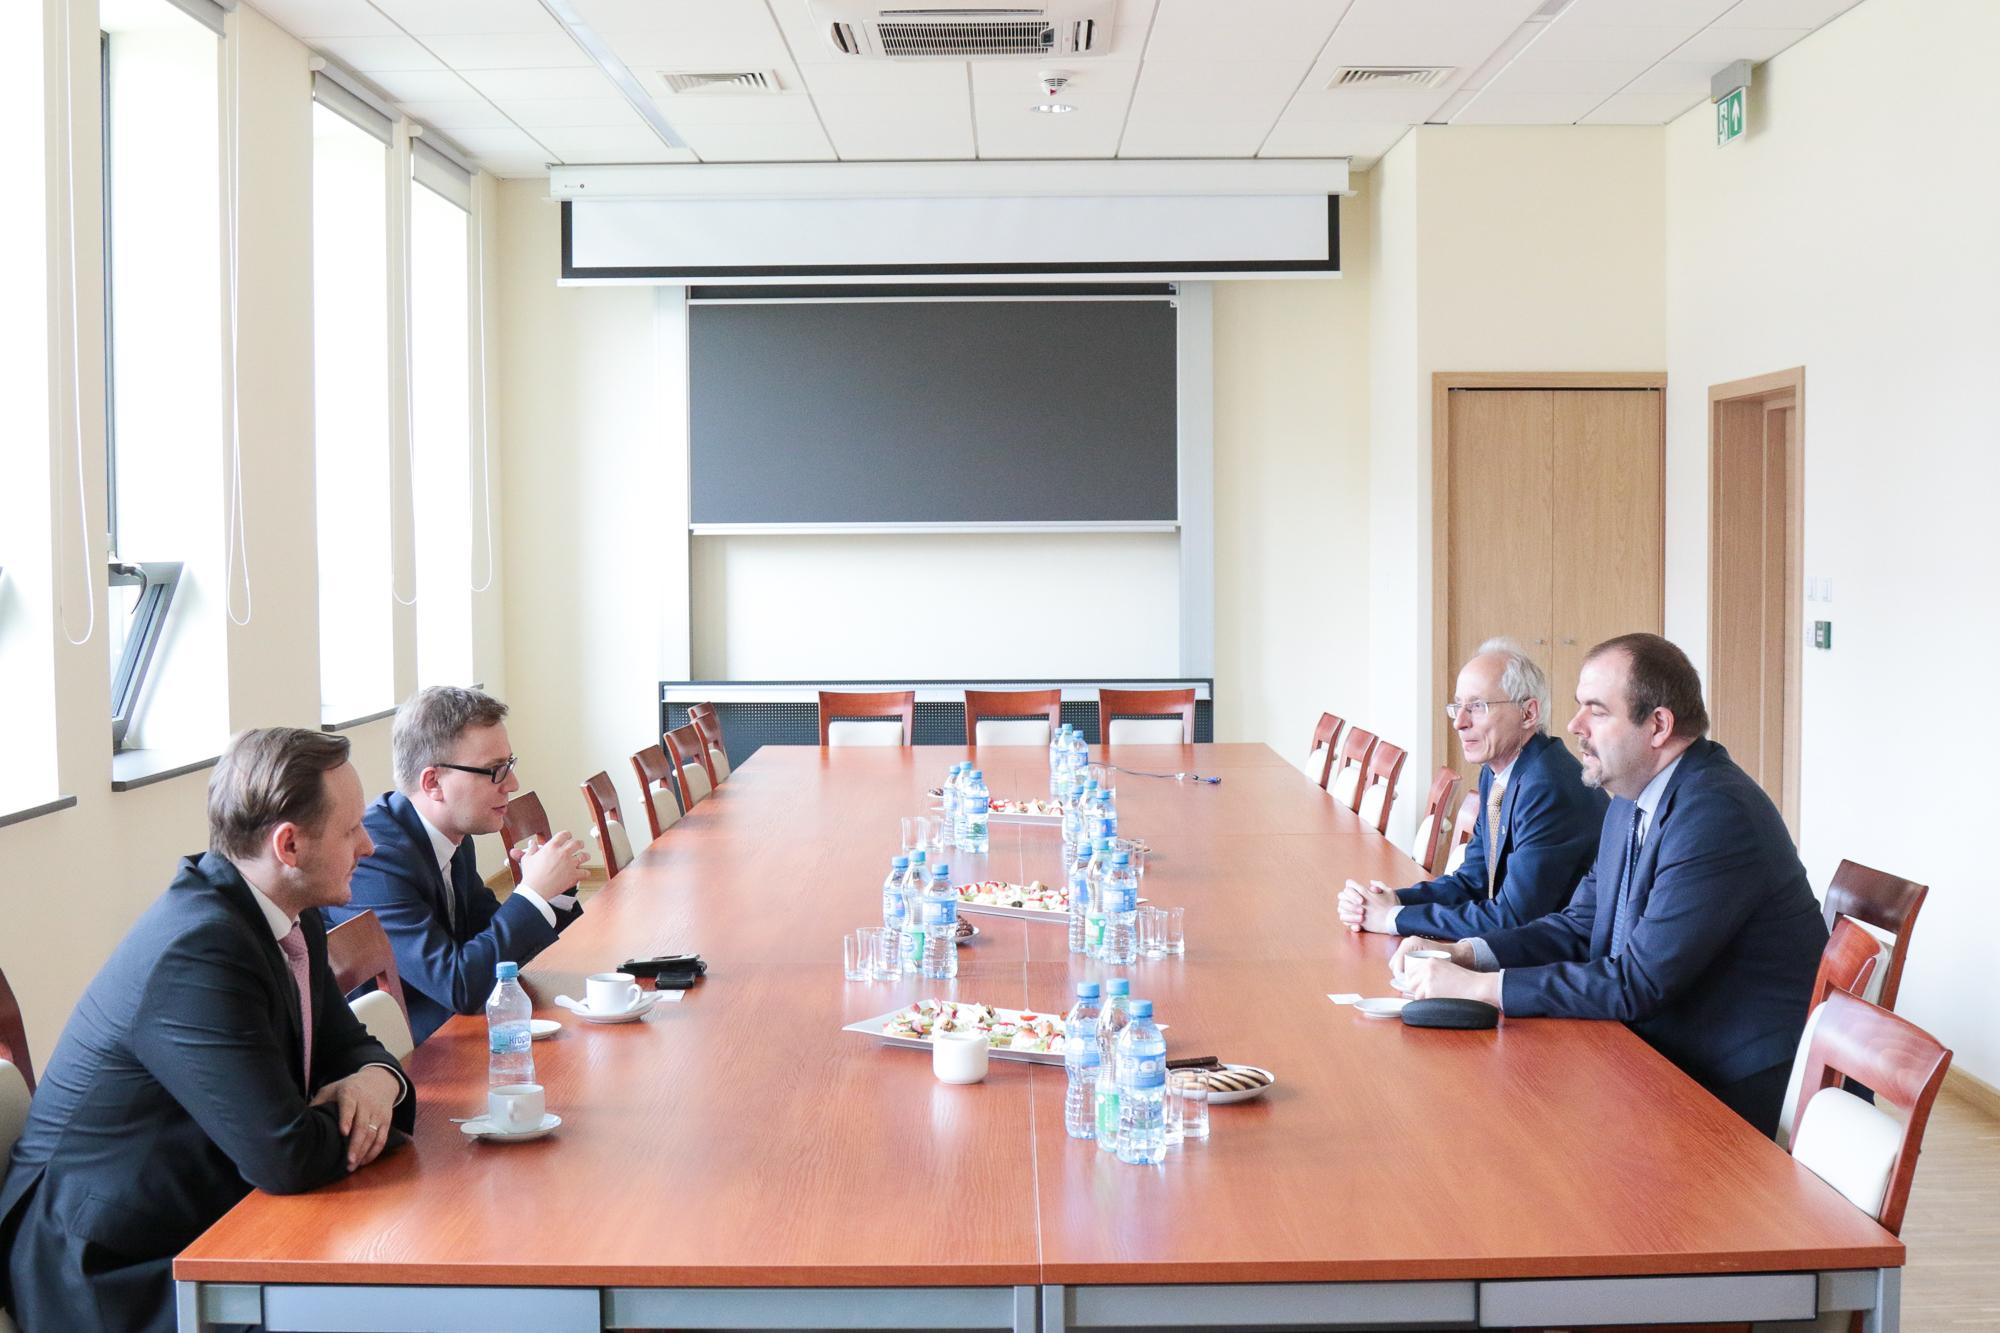 Czterech mężczyzn siedzi przy stole